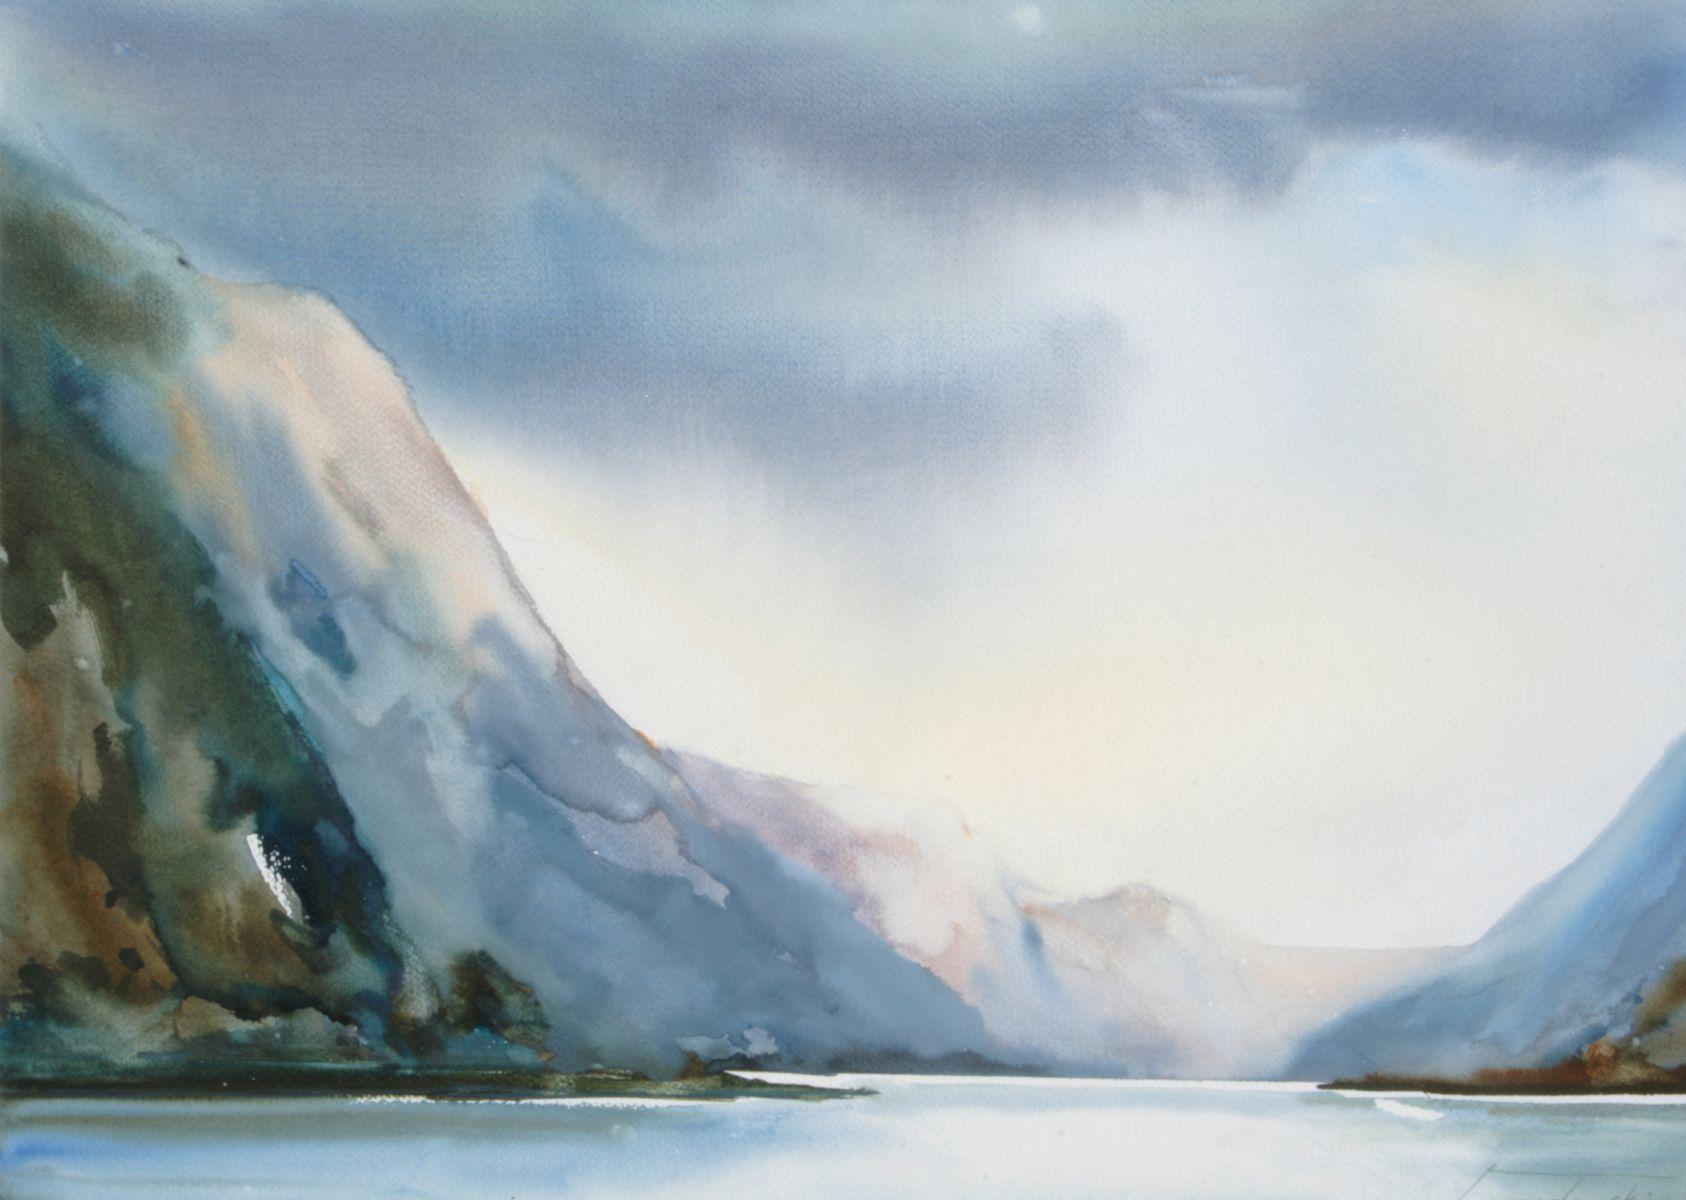 Po burzy nad fjordem. 70x50 cm. Kazimierz Twardowski